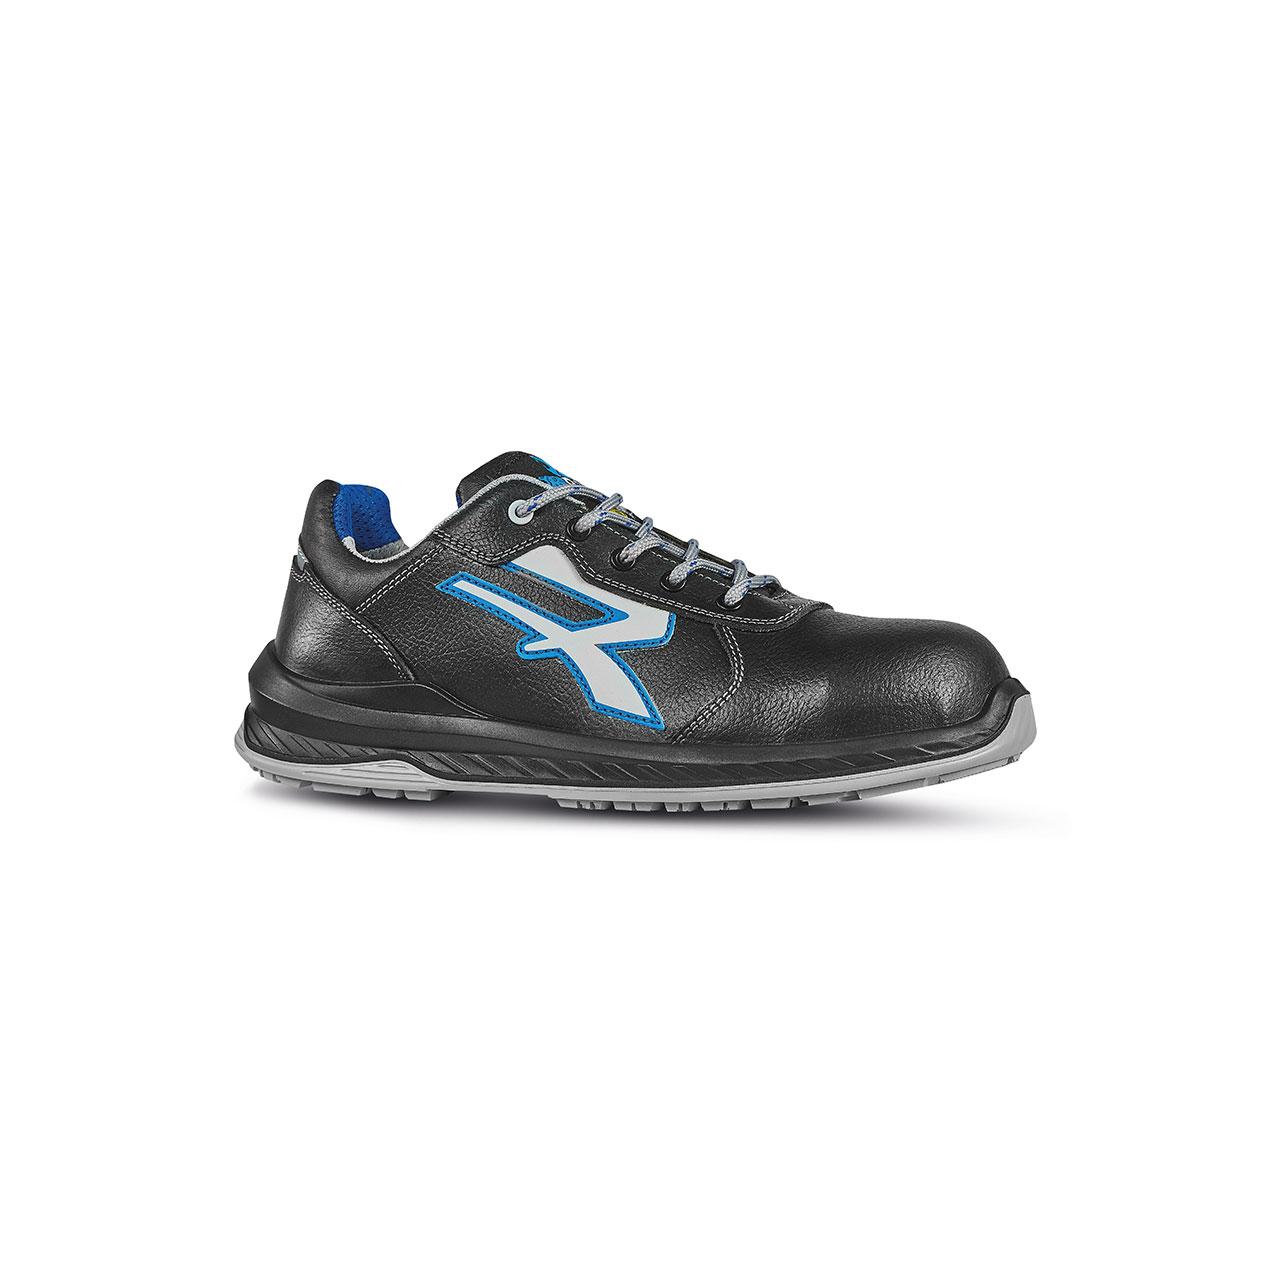 scarpa antinfortunistica upower modello fuerte linea redindustry vista laterale